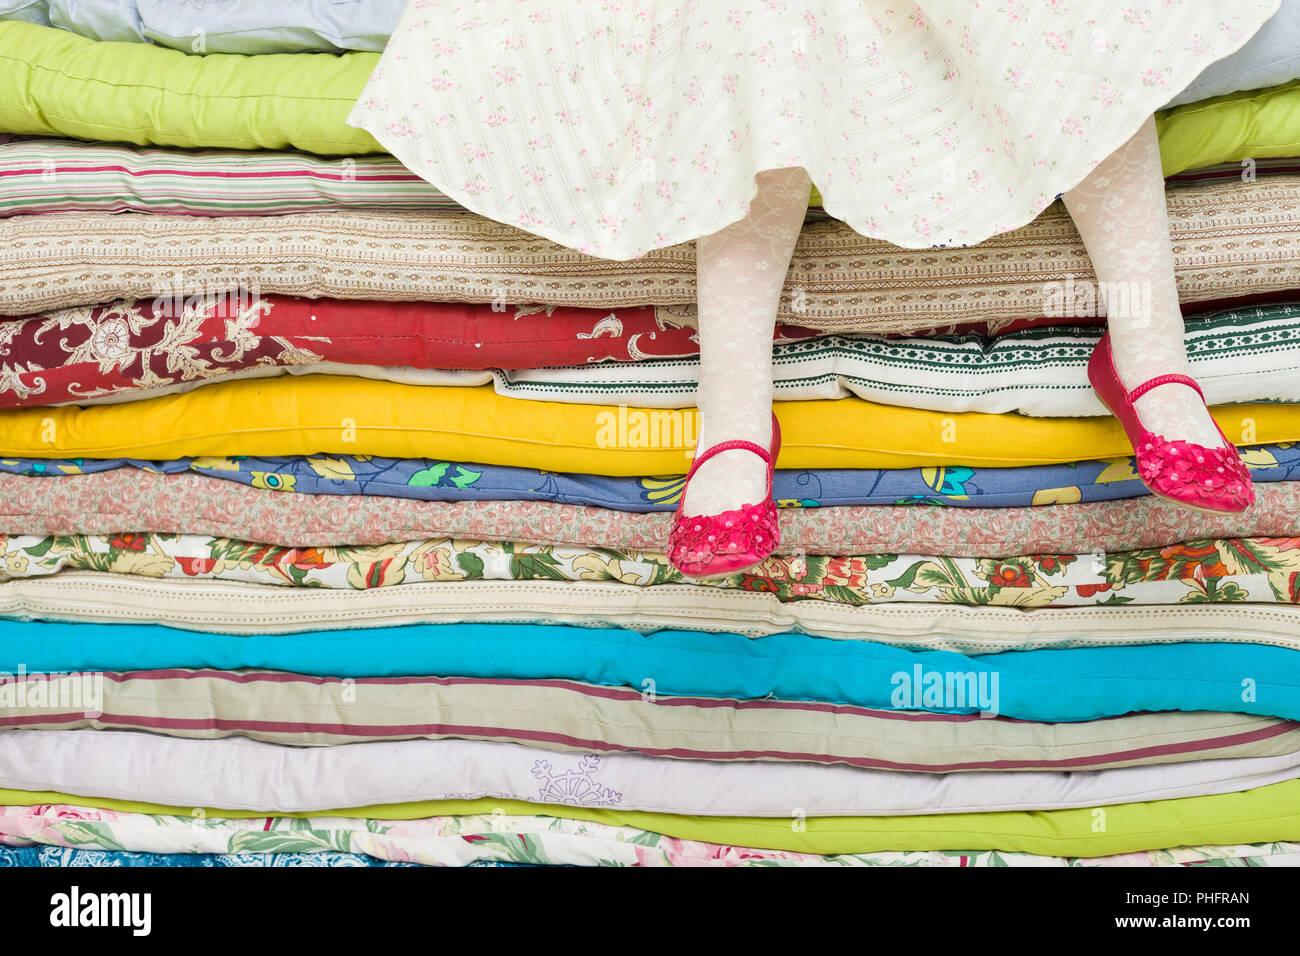 Materassi Colorati.Le Gambe Di Una Bambina Seduta Su Una Pila Di Materassi Colorati